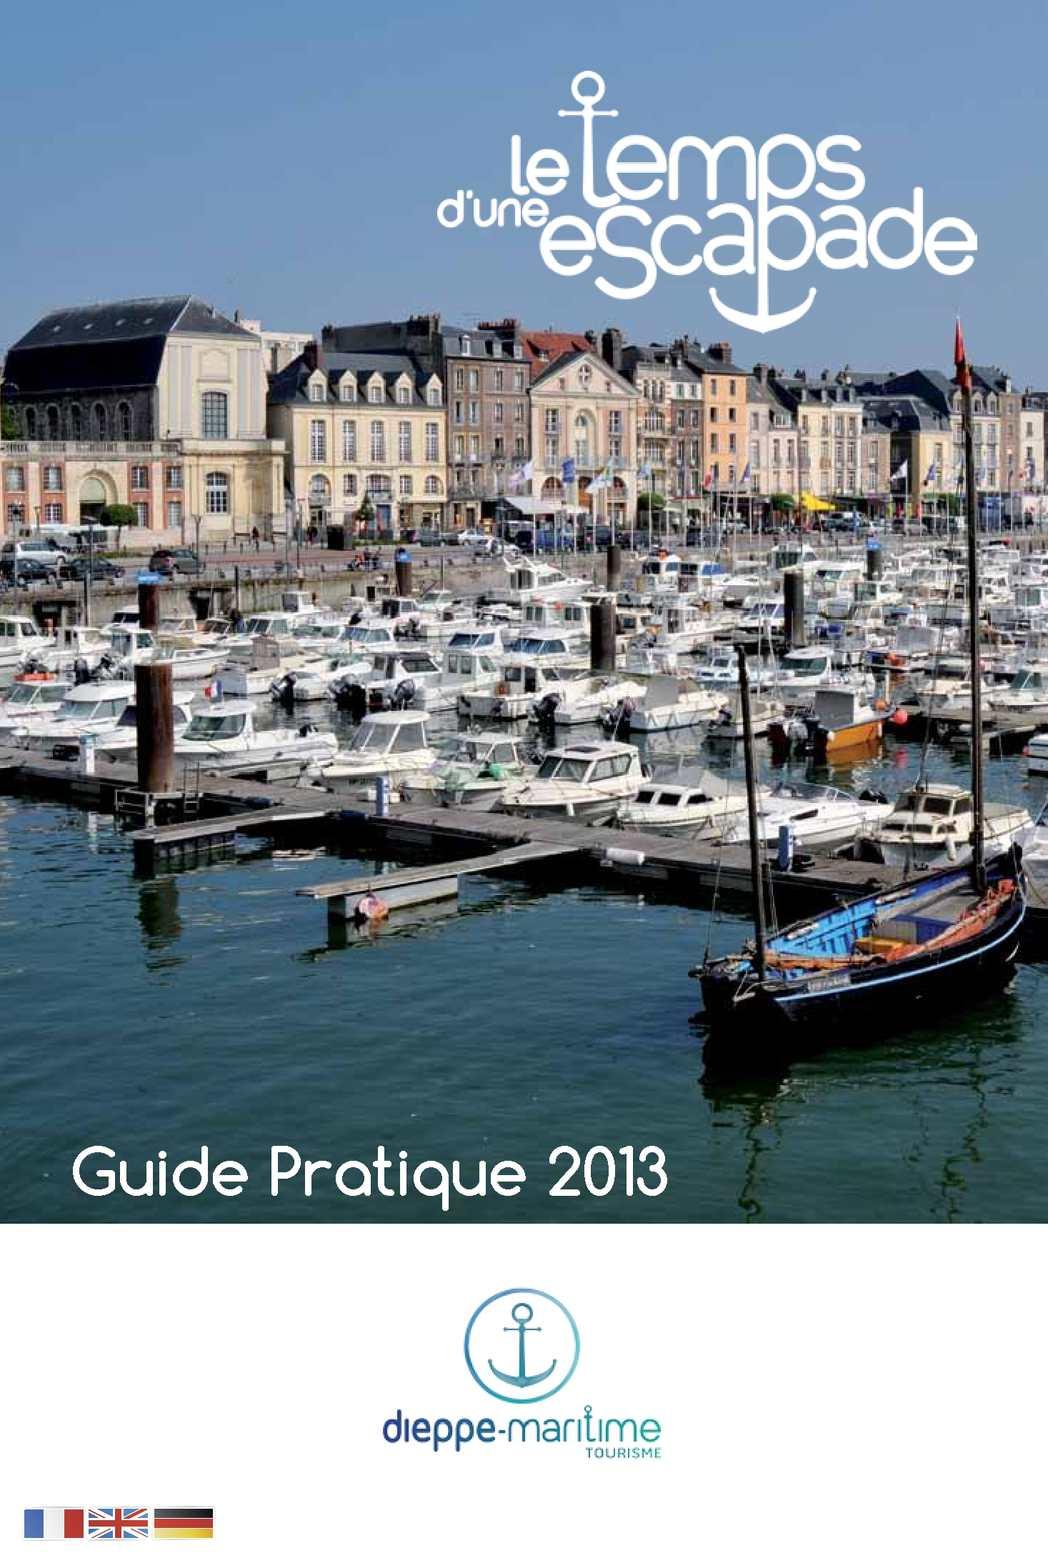 Calam o guide pratique 2013 office de tourisme dieppe maritime - Dieppe office du tourisme ...